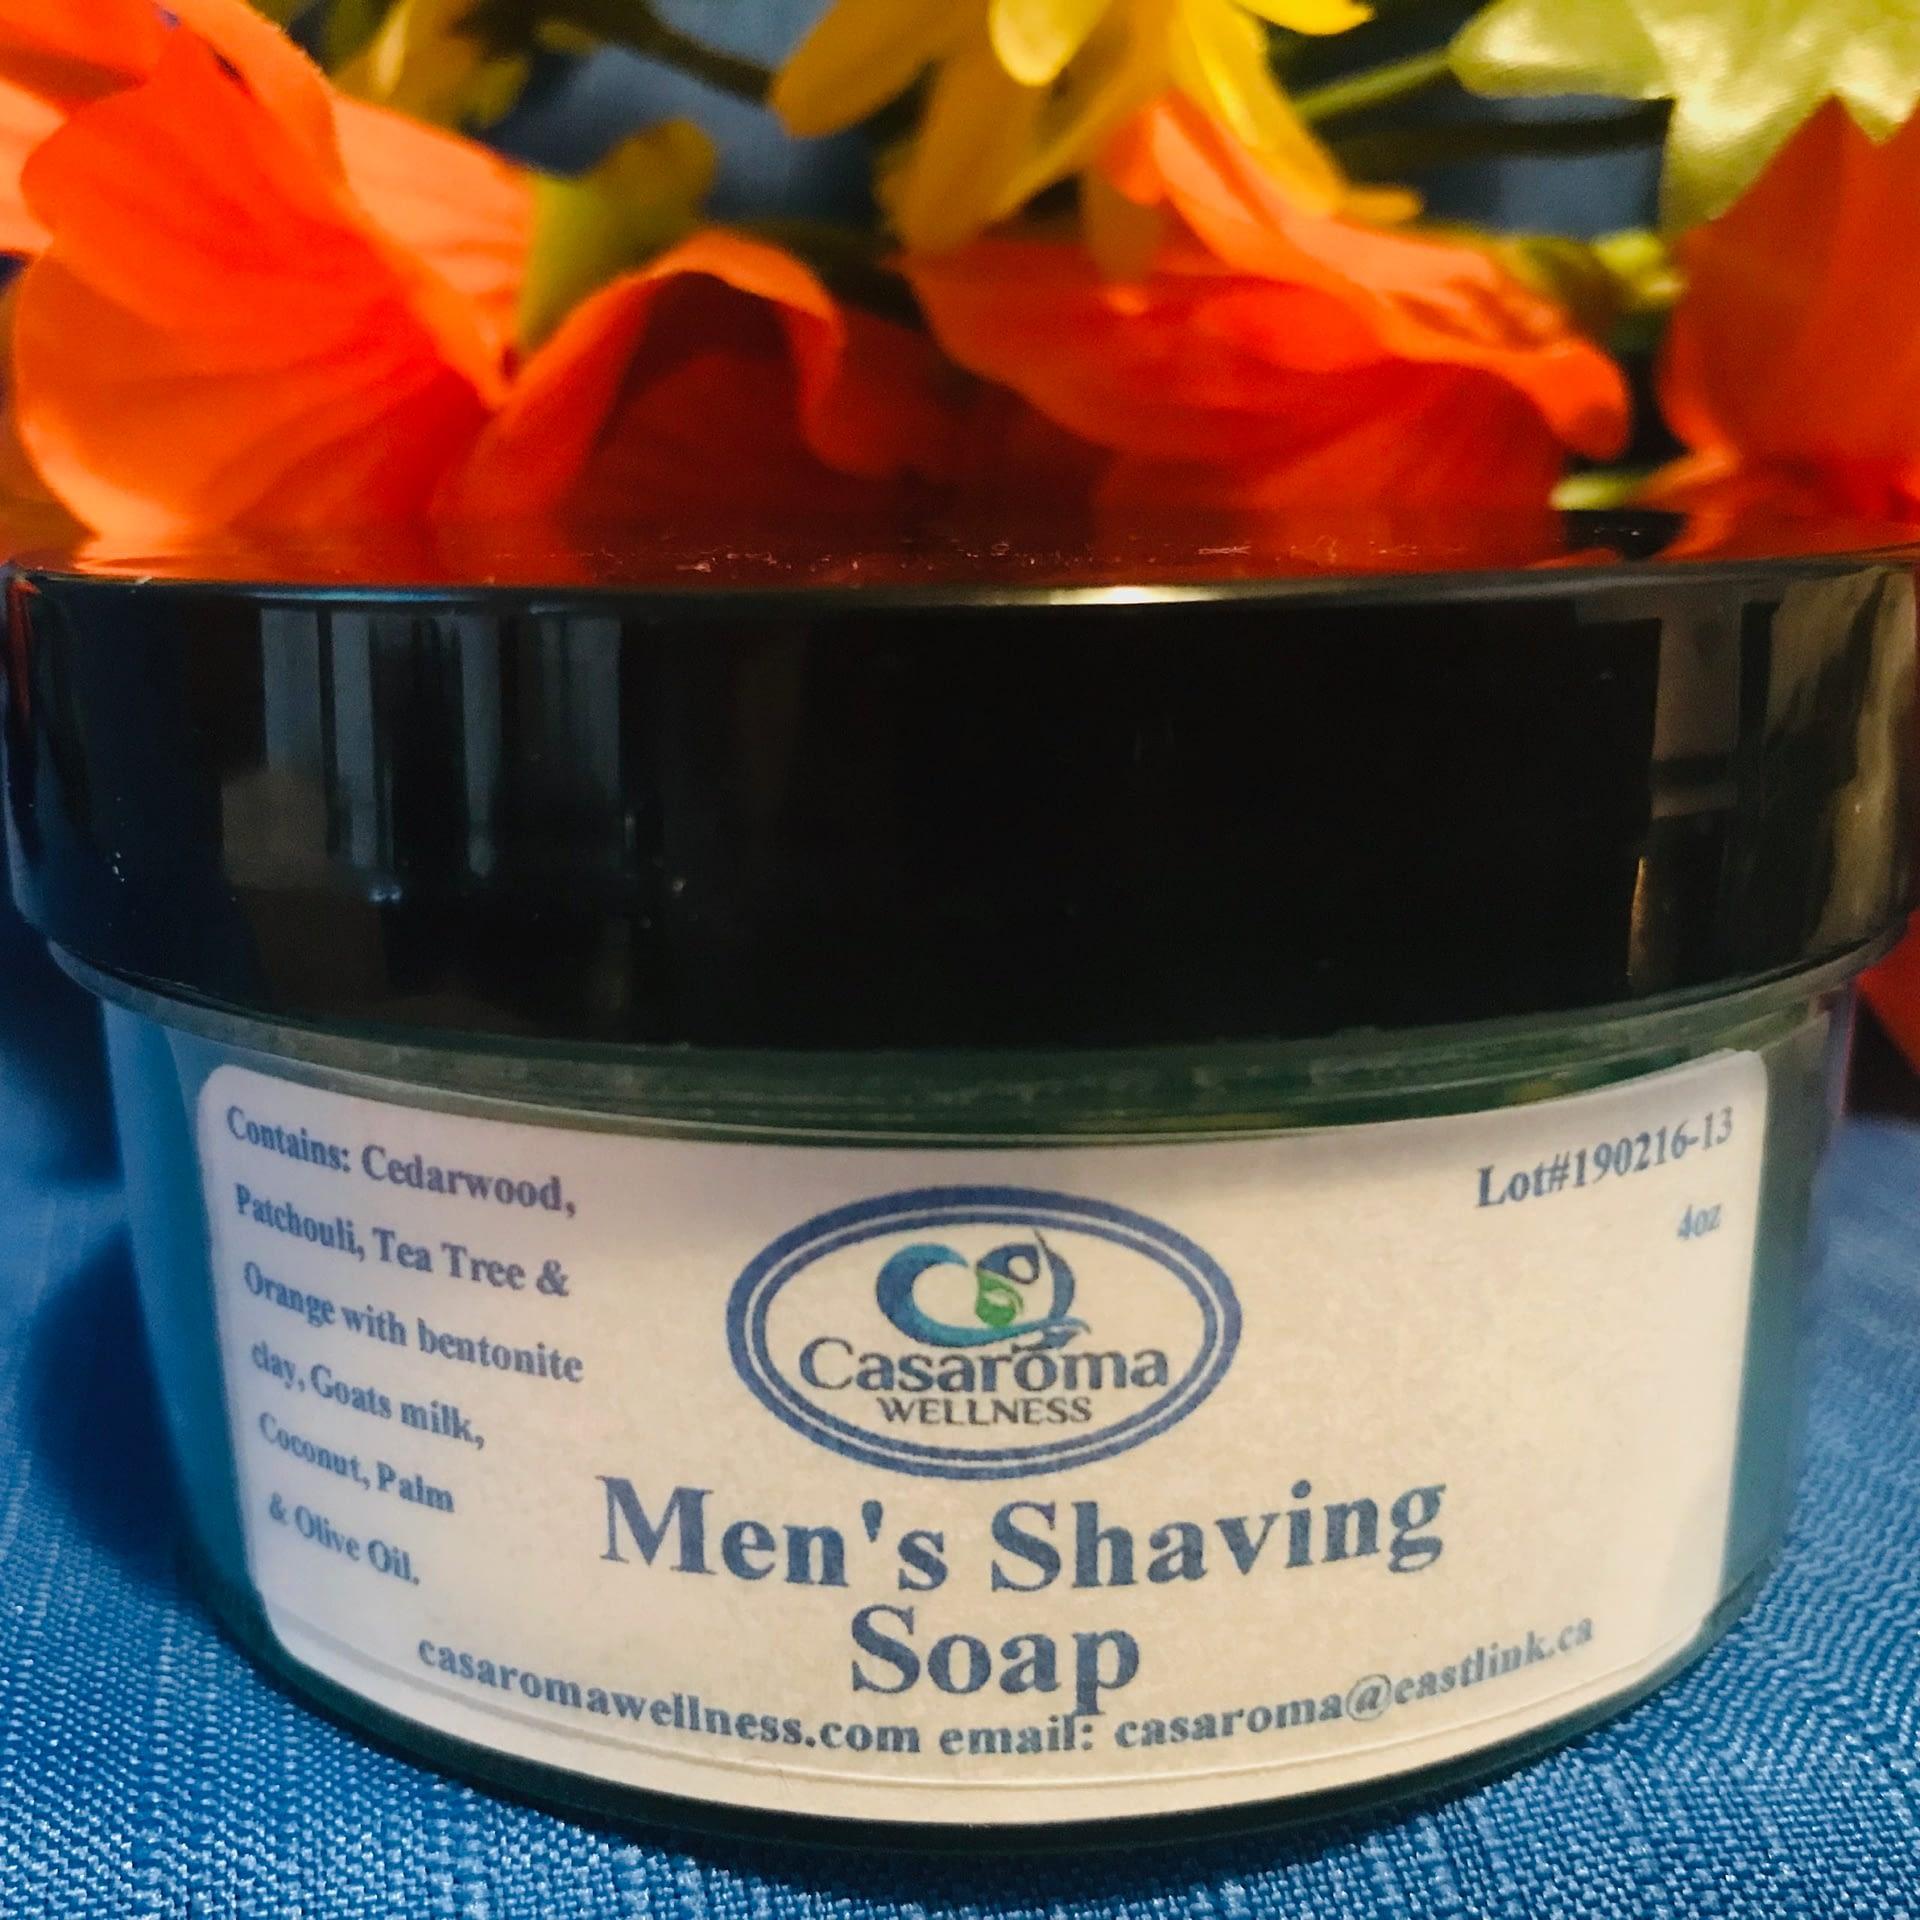 Men's Shaving Soap